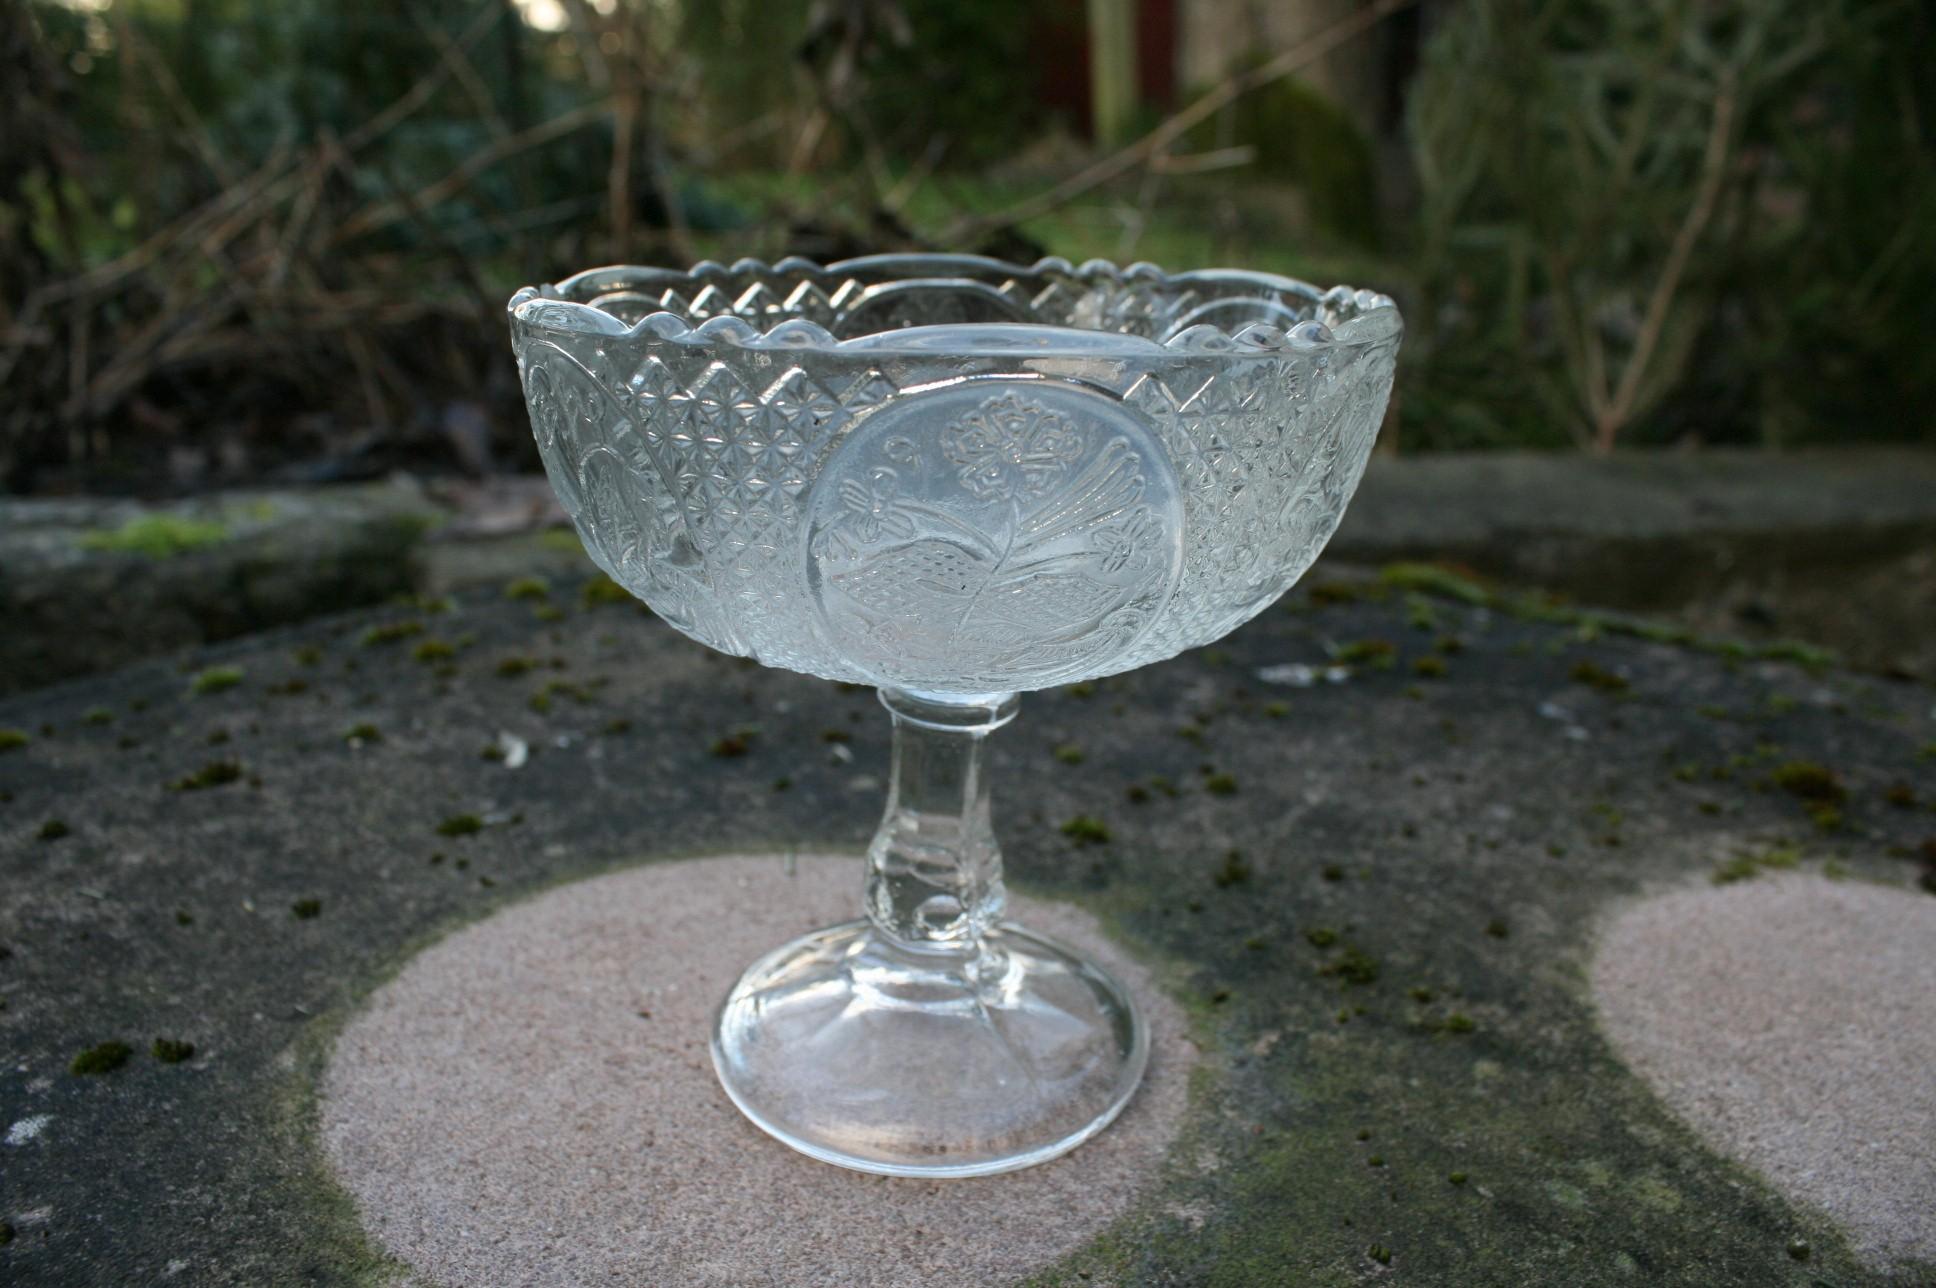 Antik sukkerskål i presset glas.